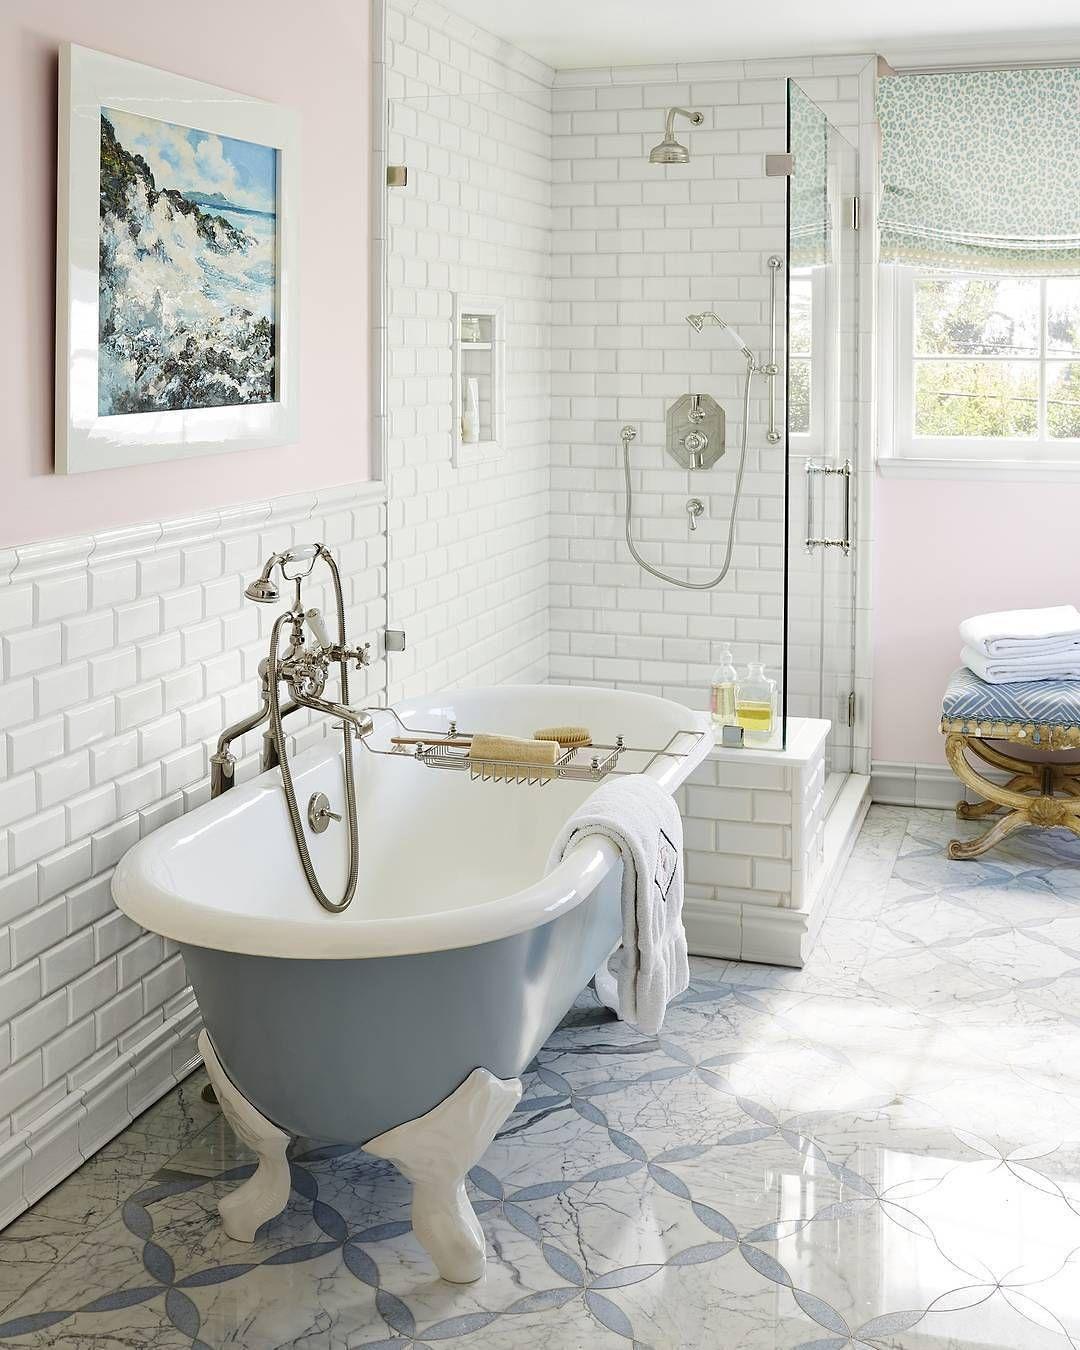 House Beautiful Instagram Douglas Friedman Design Kristaewart Con Imagenes Lavabos De Bano Cuarto De Bano Moderno Decoracion Cuartos De Bano